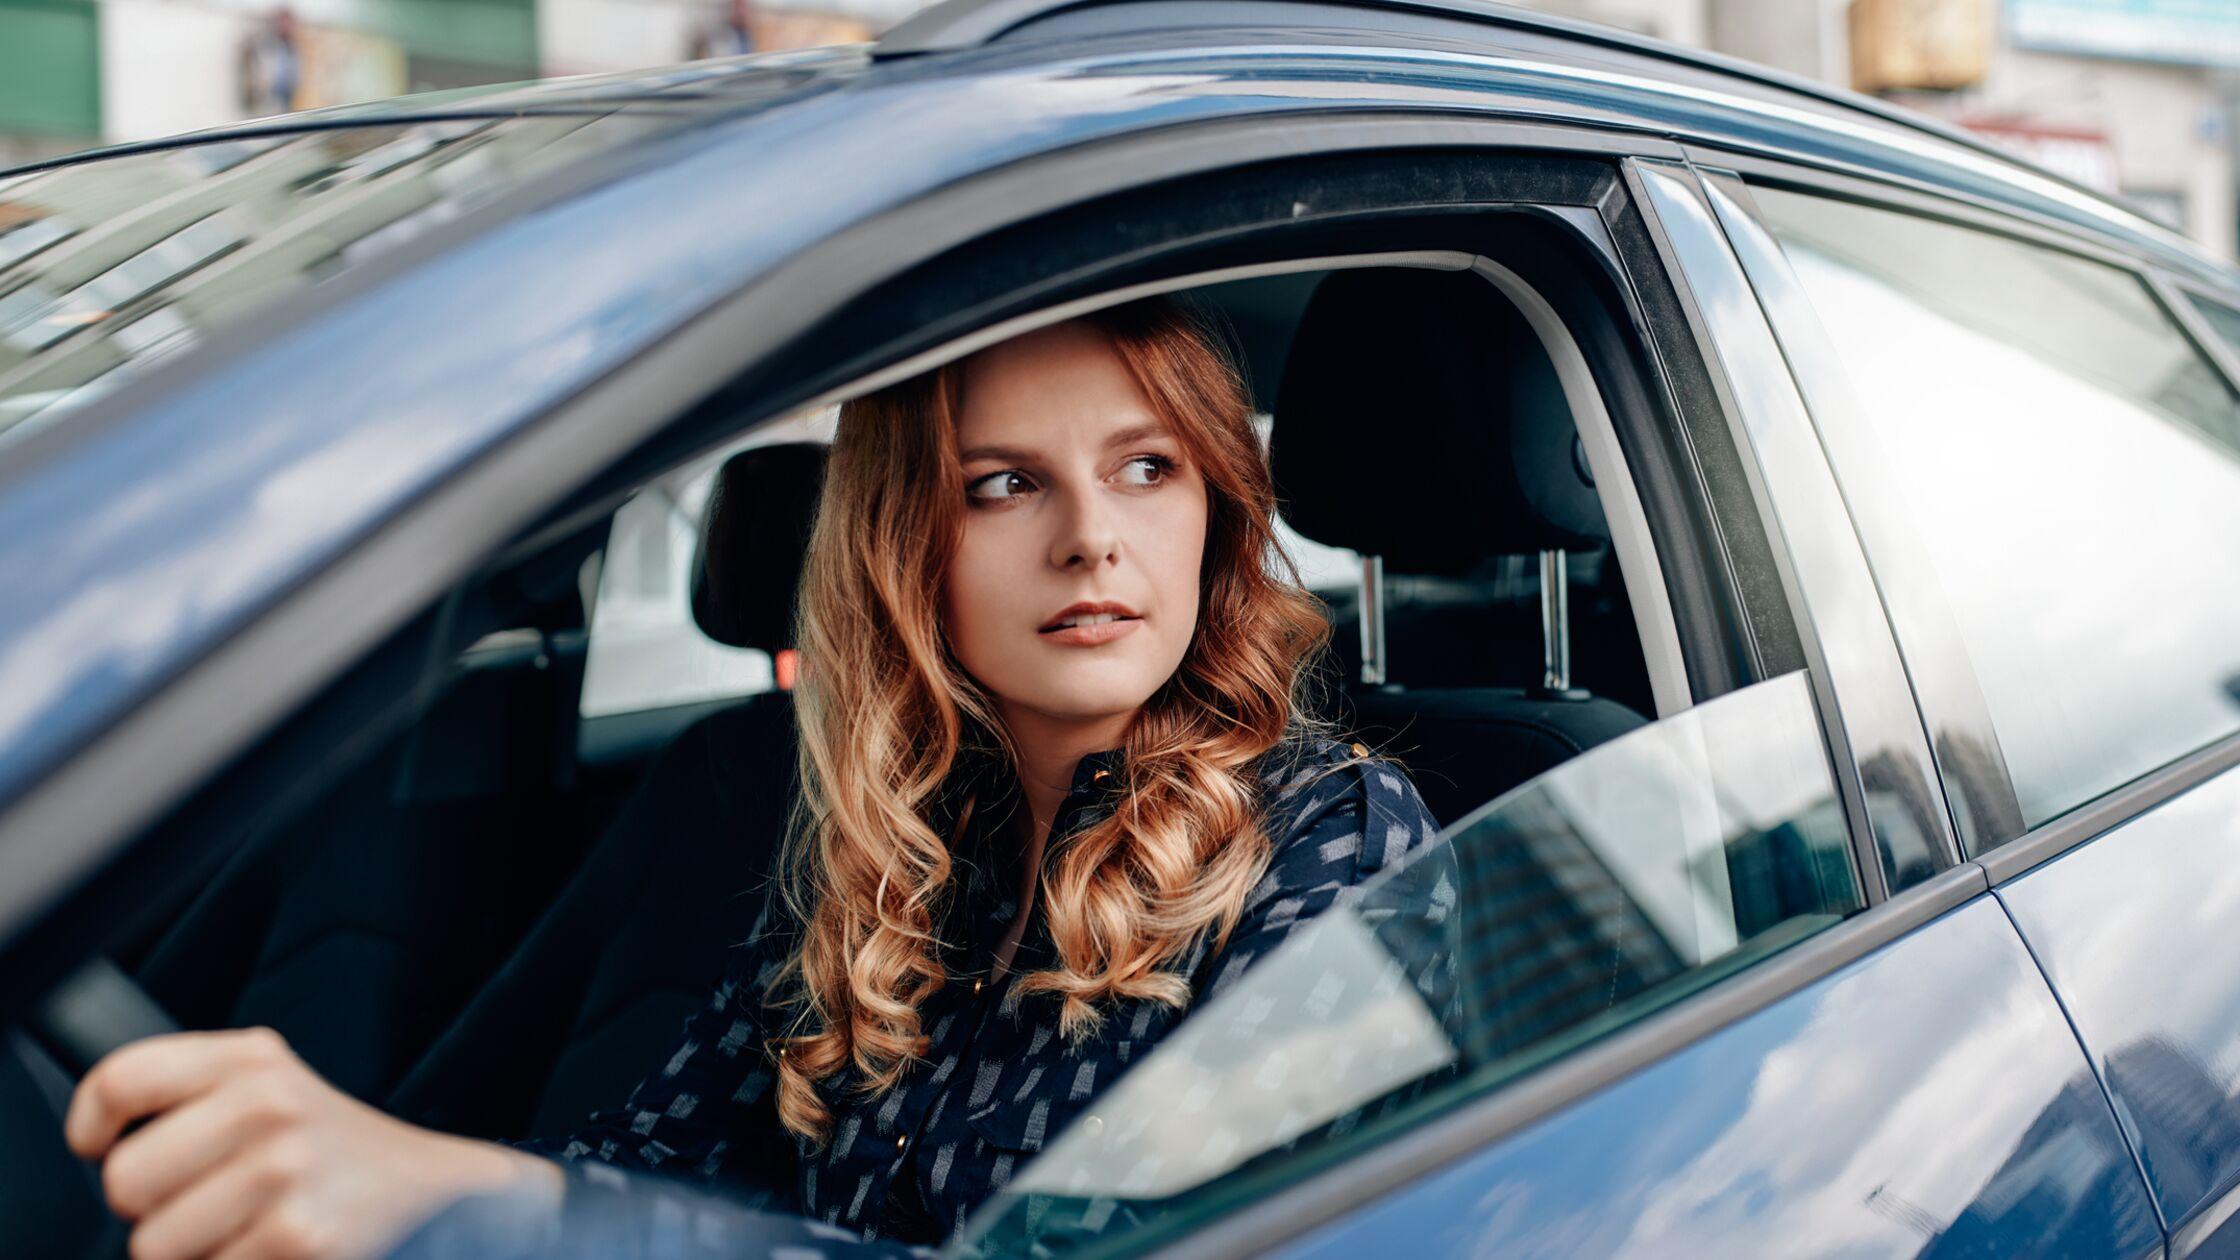 Junge Frau am Steuer eines Autos schaut aus dem Fenster